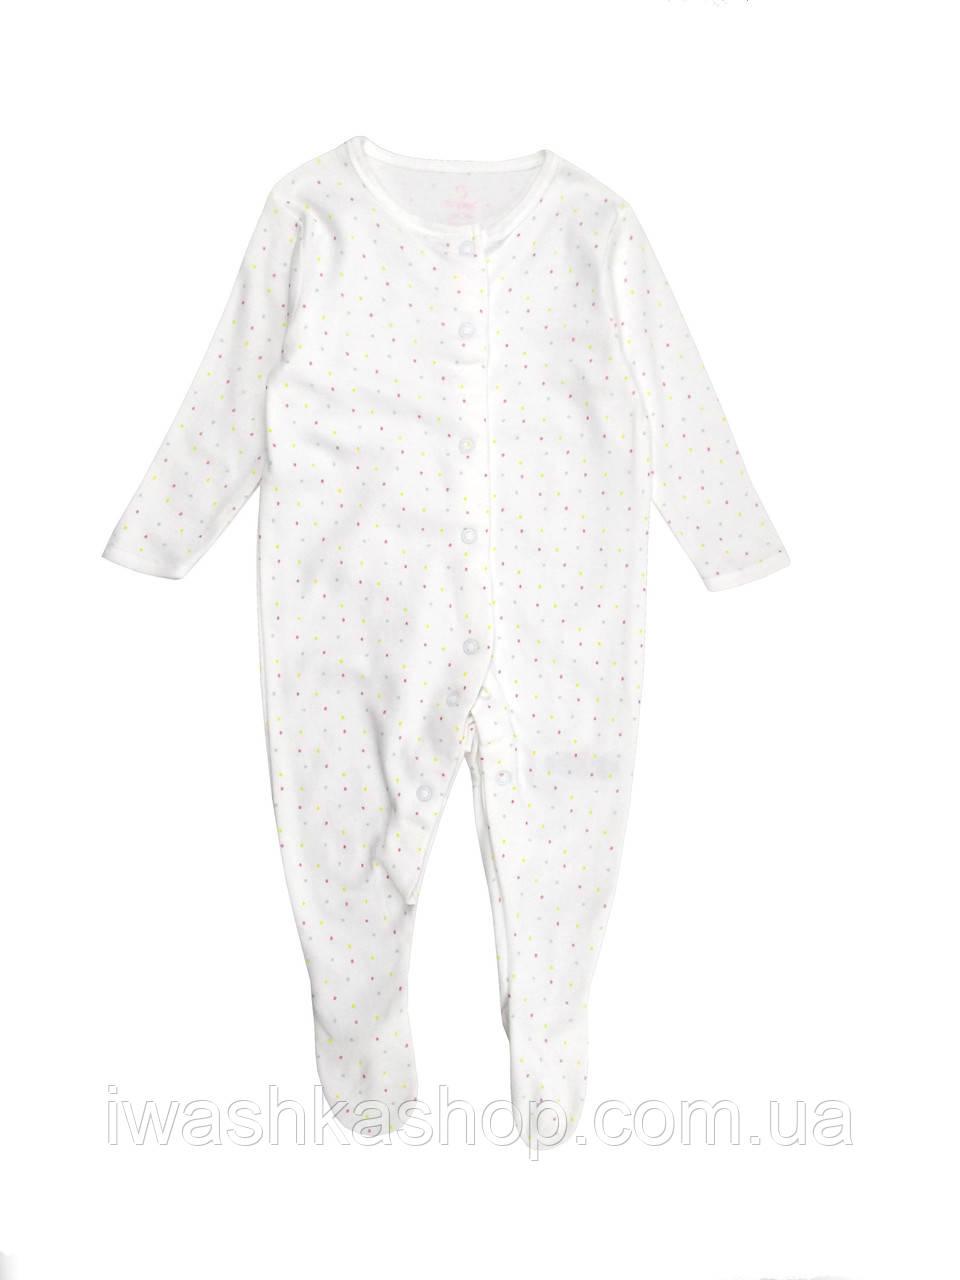 Белый человечек, пижама слип в разноцветные горошки на девочку 3 - 6 месяцев, р. 68, Early Days by Primark